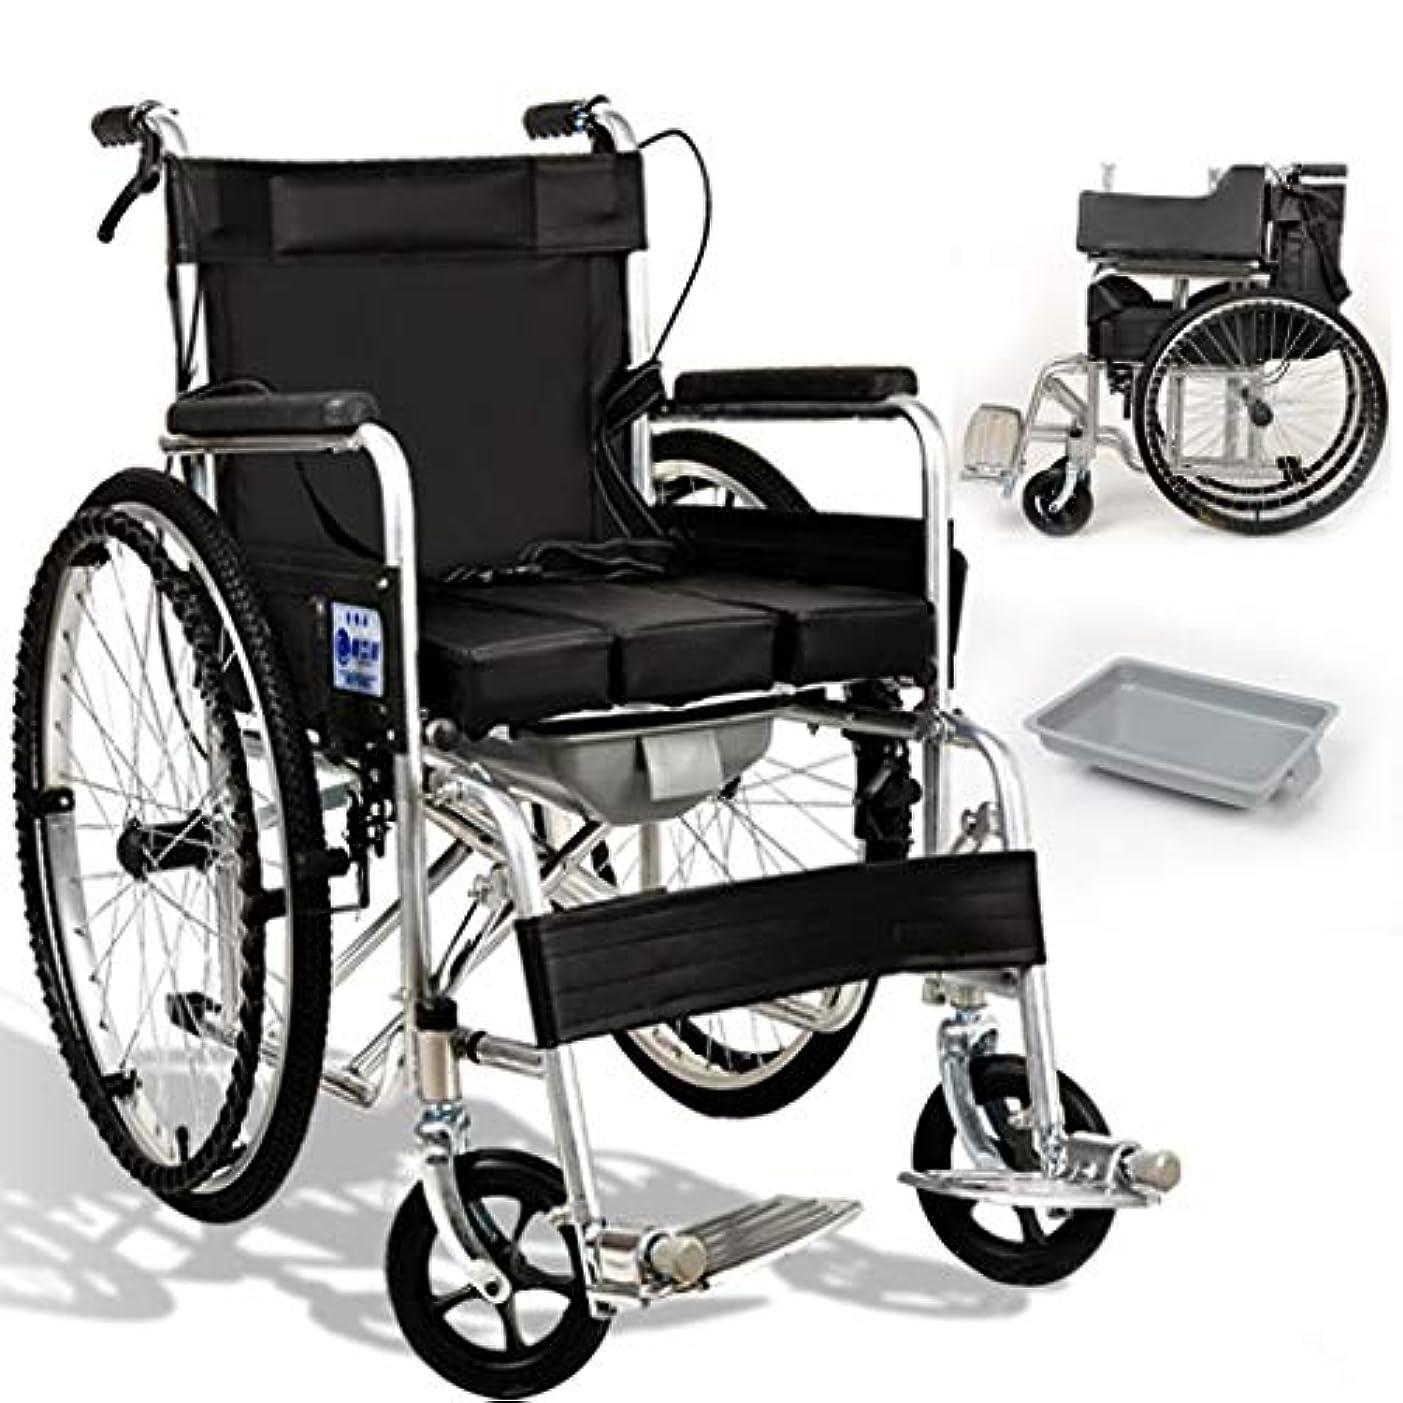 志す不要確実プル型U字型トイレ、フロントおよびリアブレーキ付き車椅子高齢者用ポータブルトロリー。折りたたみ式ポータブル多機能車椅子